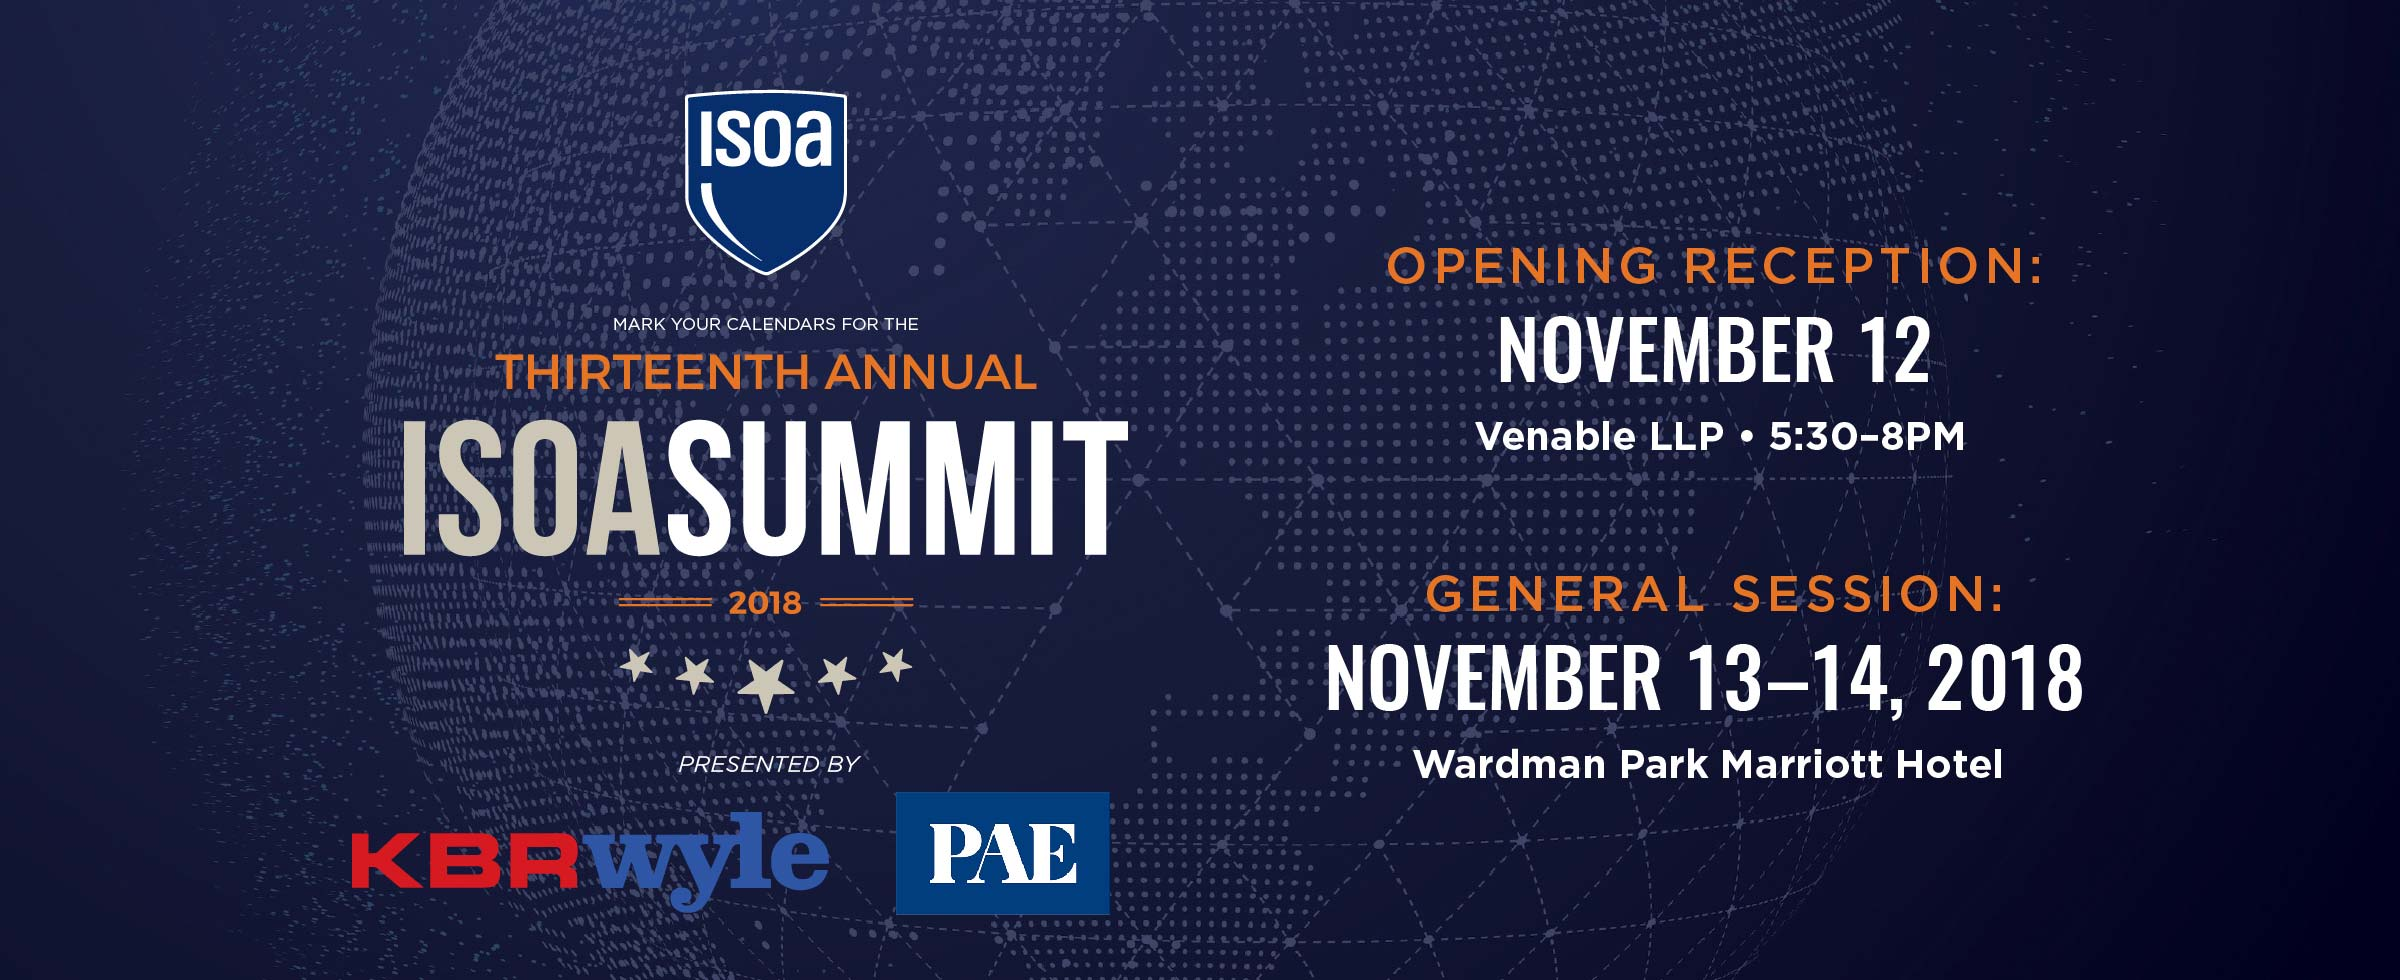 2018 ISOA Summit